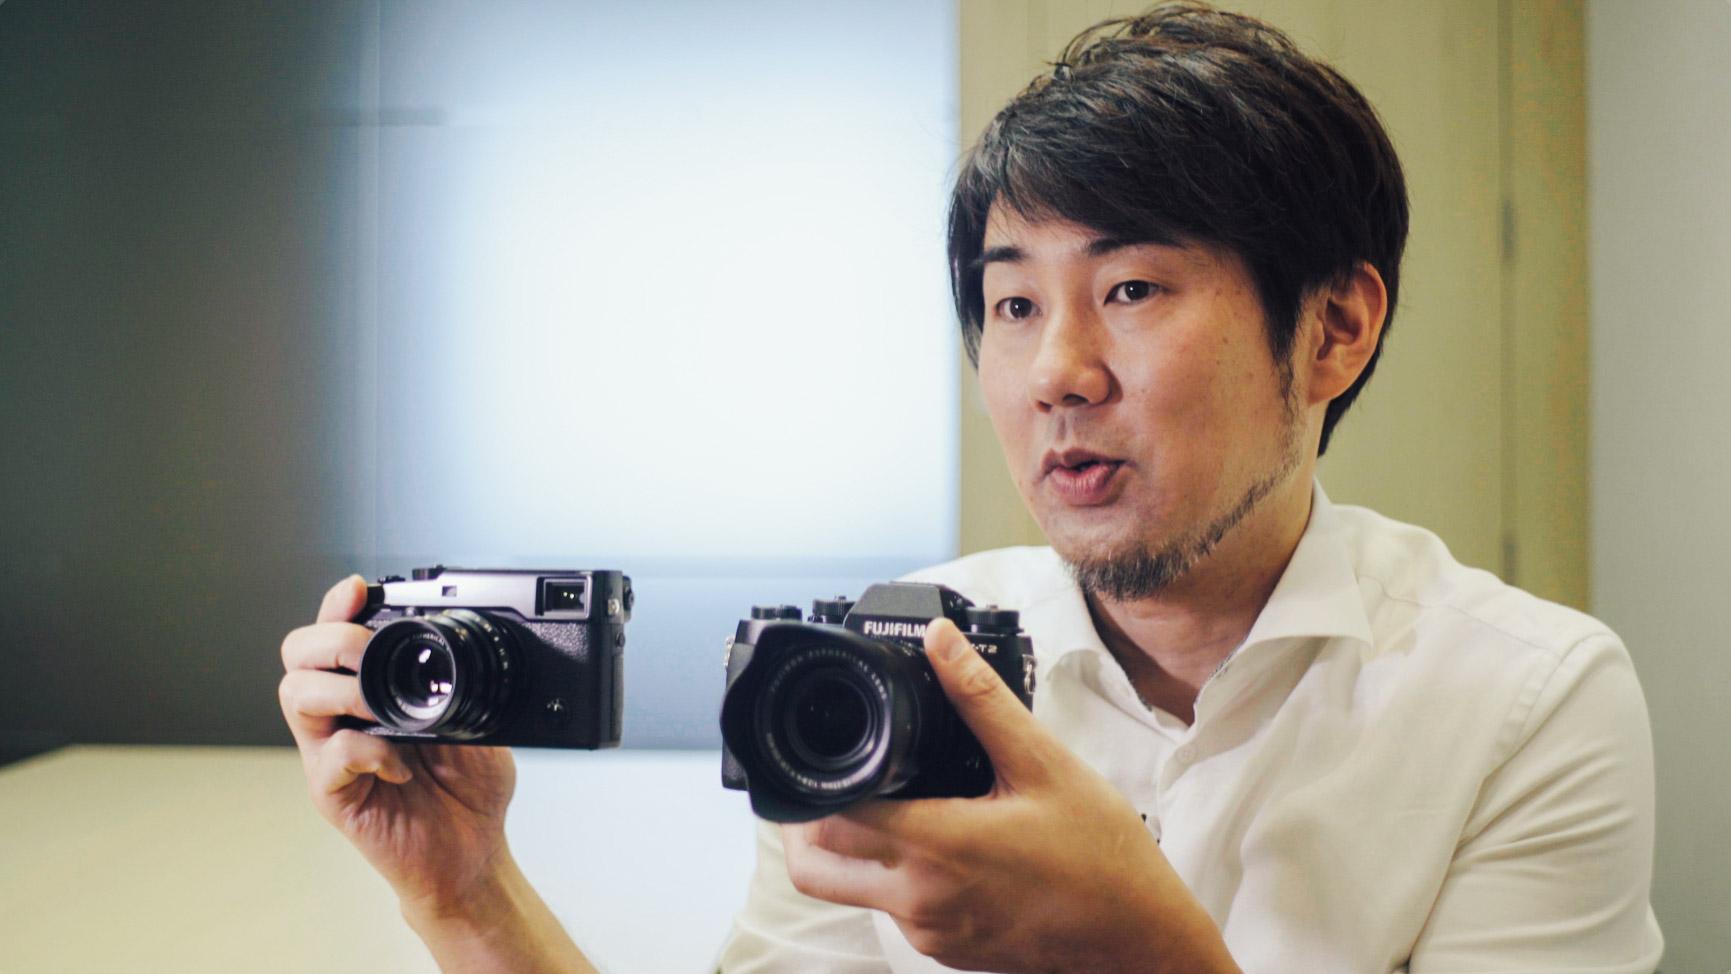 富士フイルム X-T2 – 設計者インタビュー